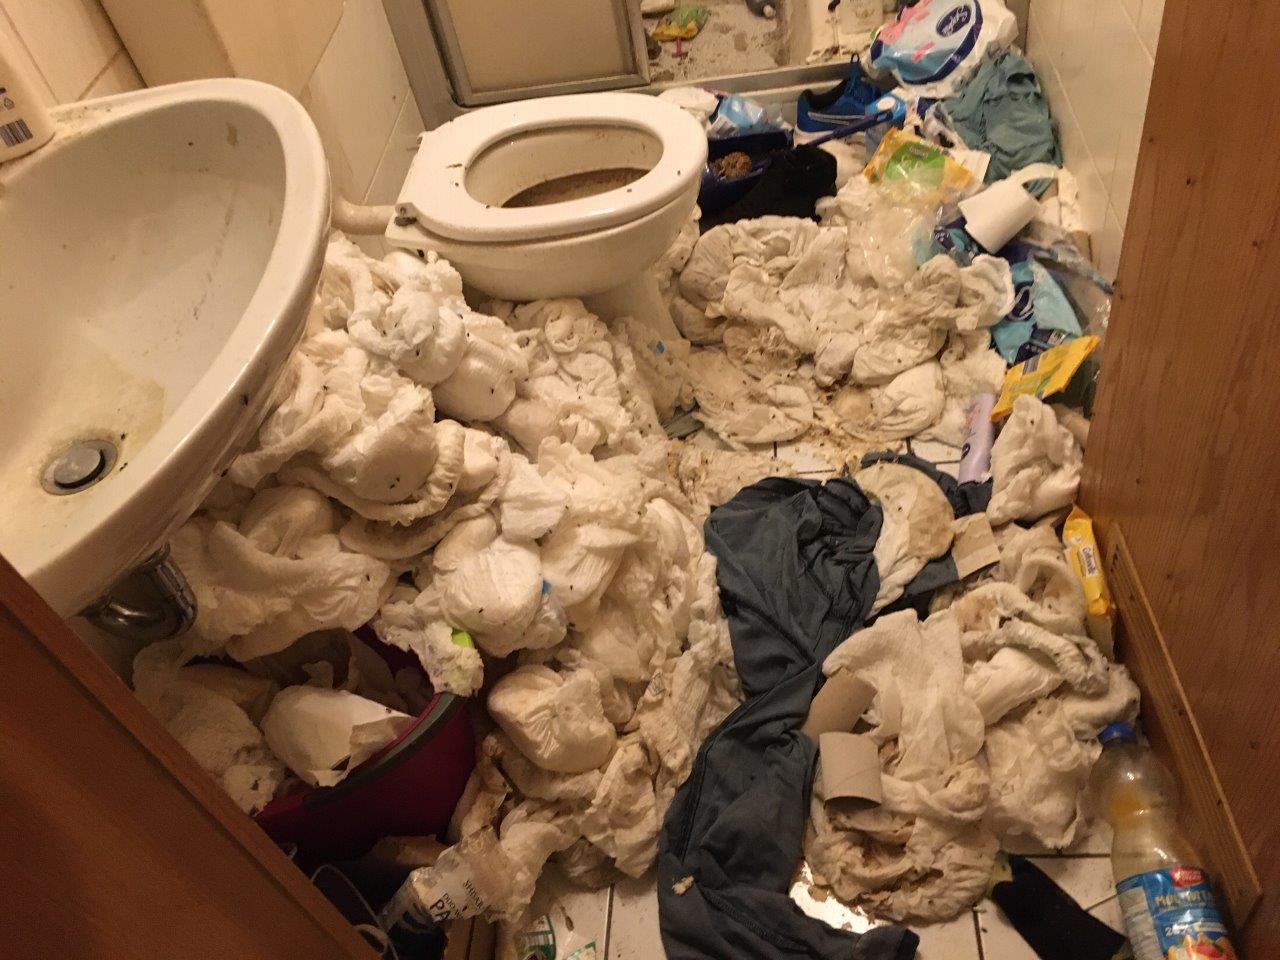 Messie-Wohnung entrümpeln & reinigen  Desinfektion  Entsorgung